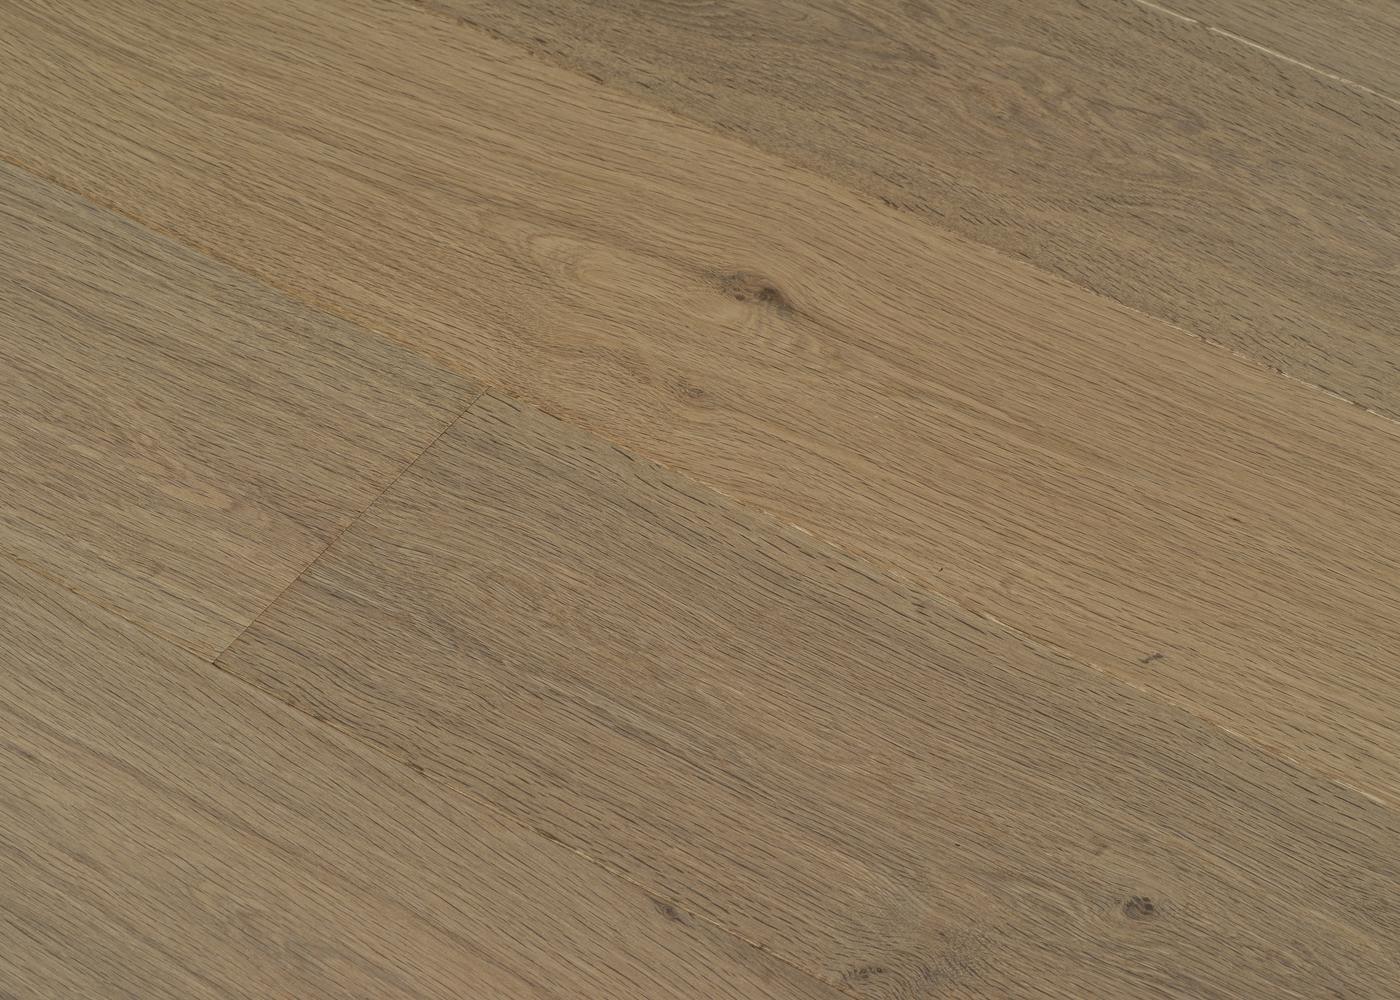 Parquet chêne contrecollé PETRA huile cire Mélange 50% PRBis, 50% Matière 12x160x1100-2200